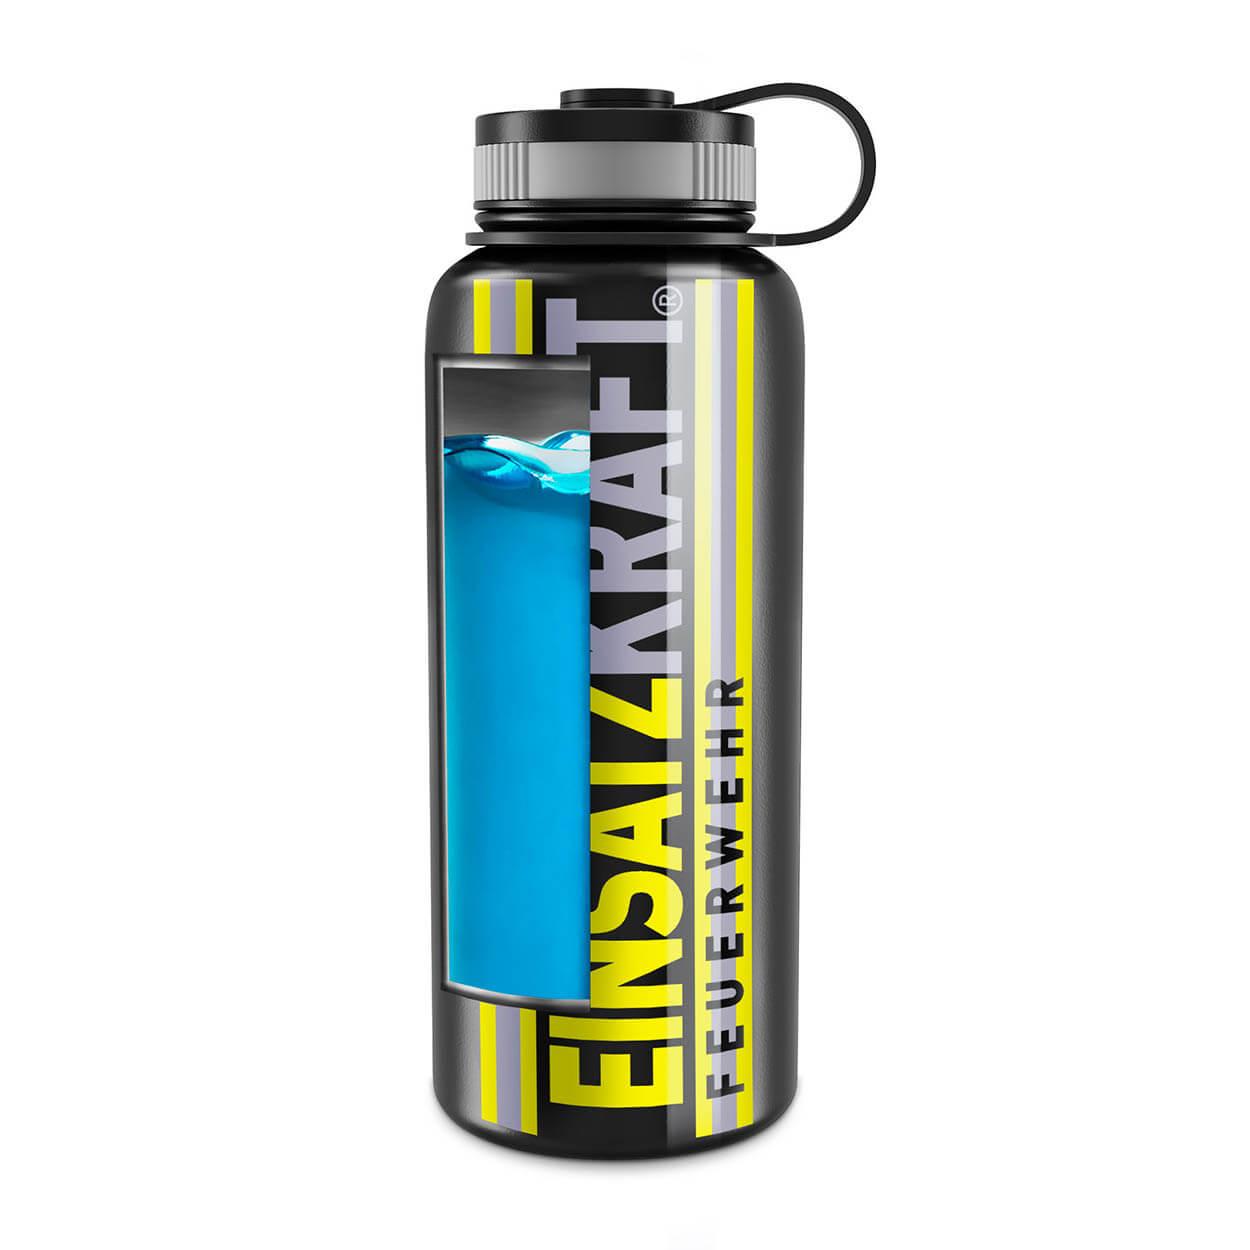 Feuerwehr EINSATZKRAFT® Thermobecher